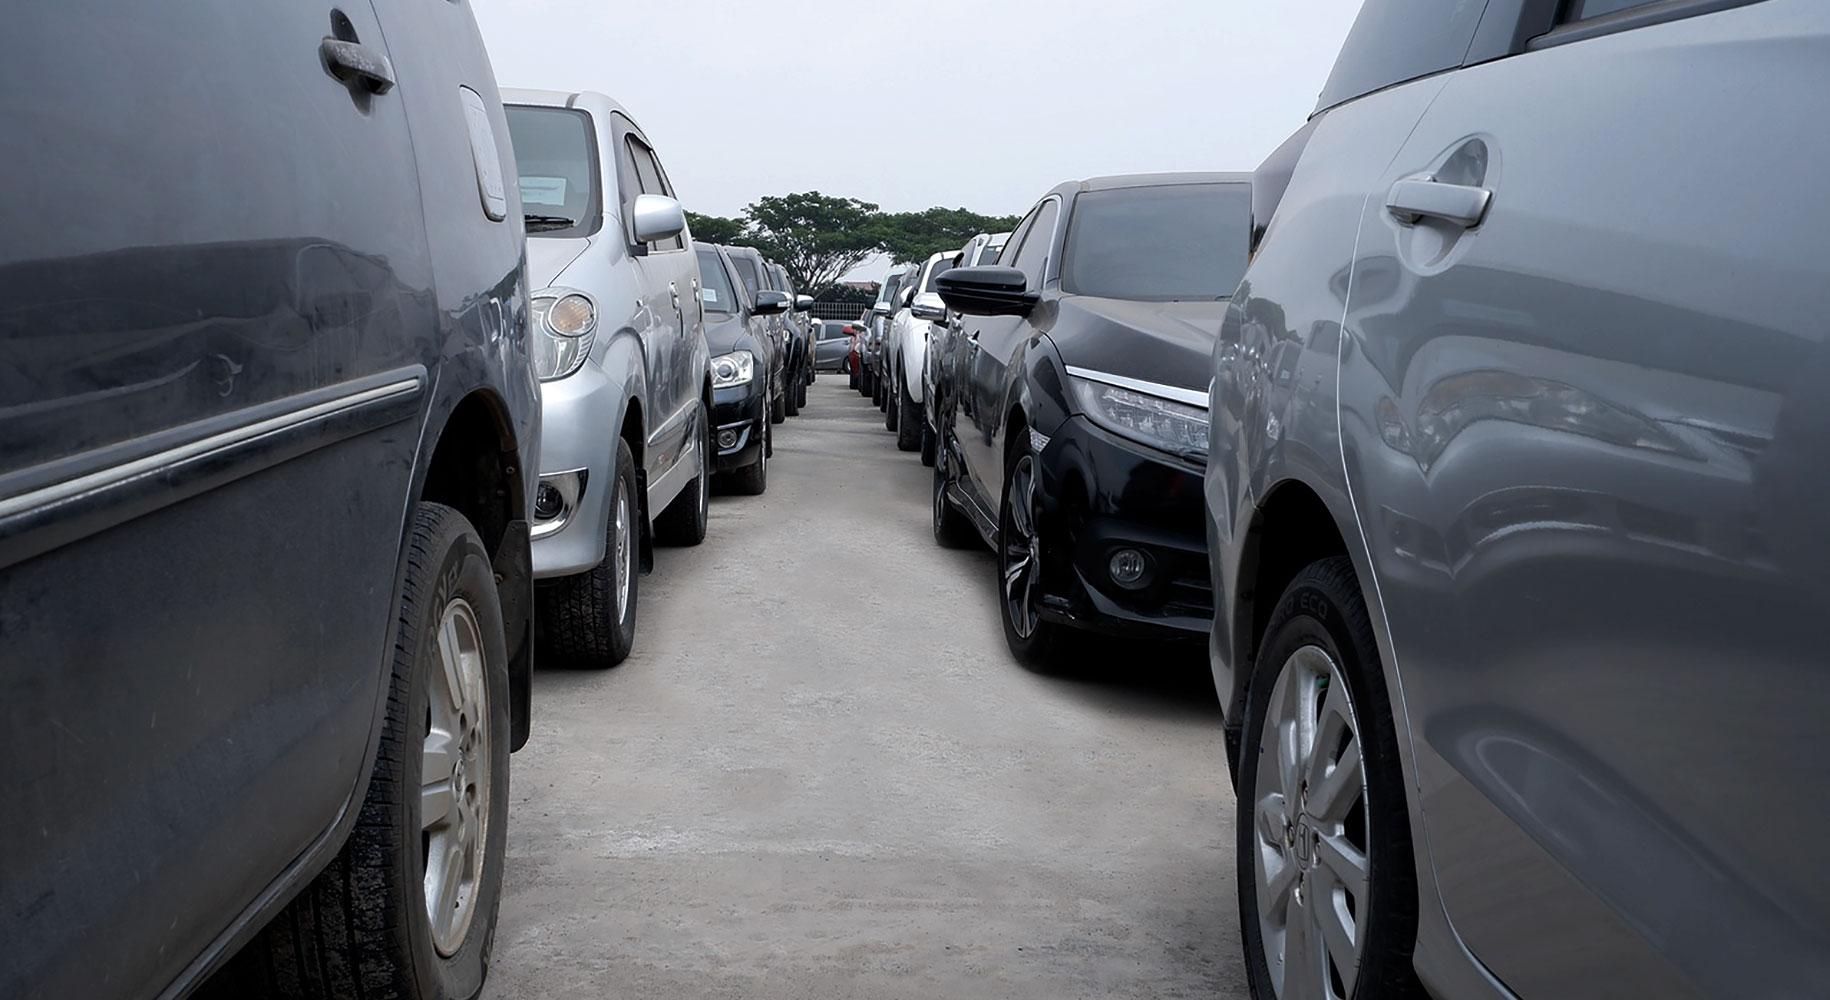 Nuove tasse per le auto aziendali: il NLT è la soluzione